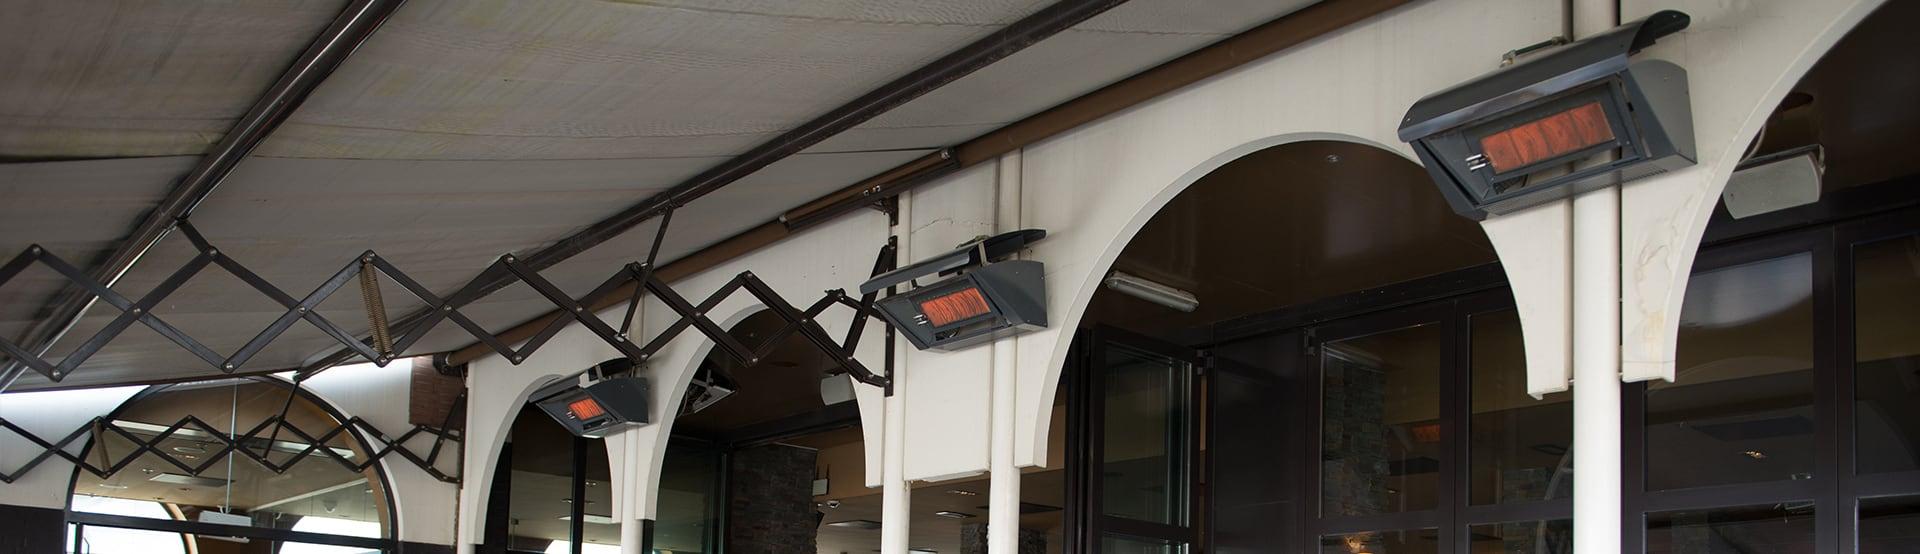 schwank_anwendungen_terrassen-außenbereiche